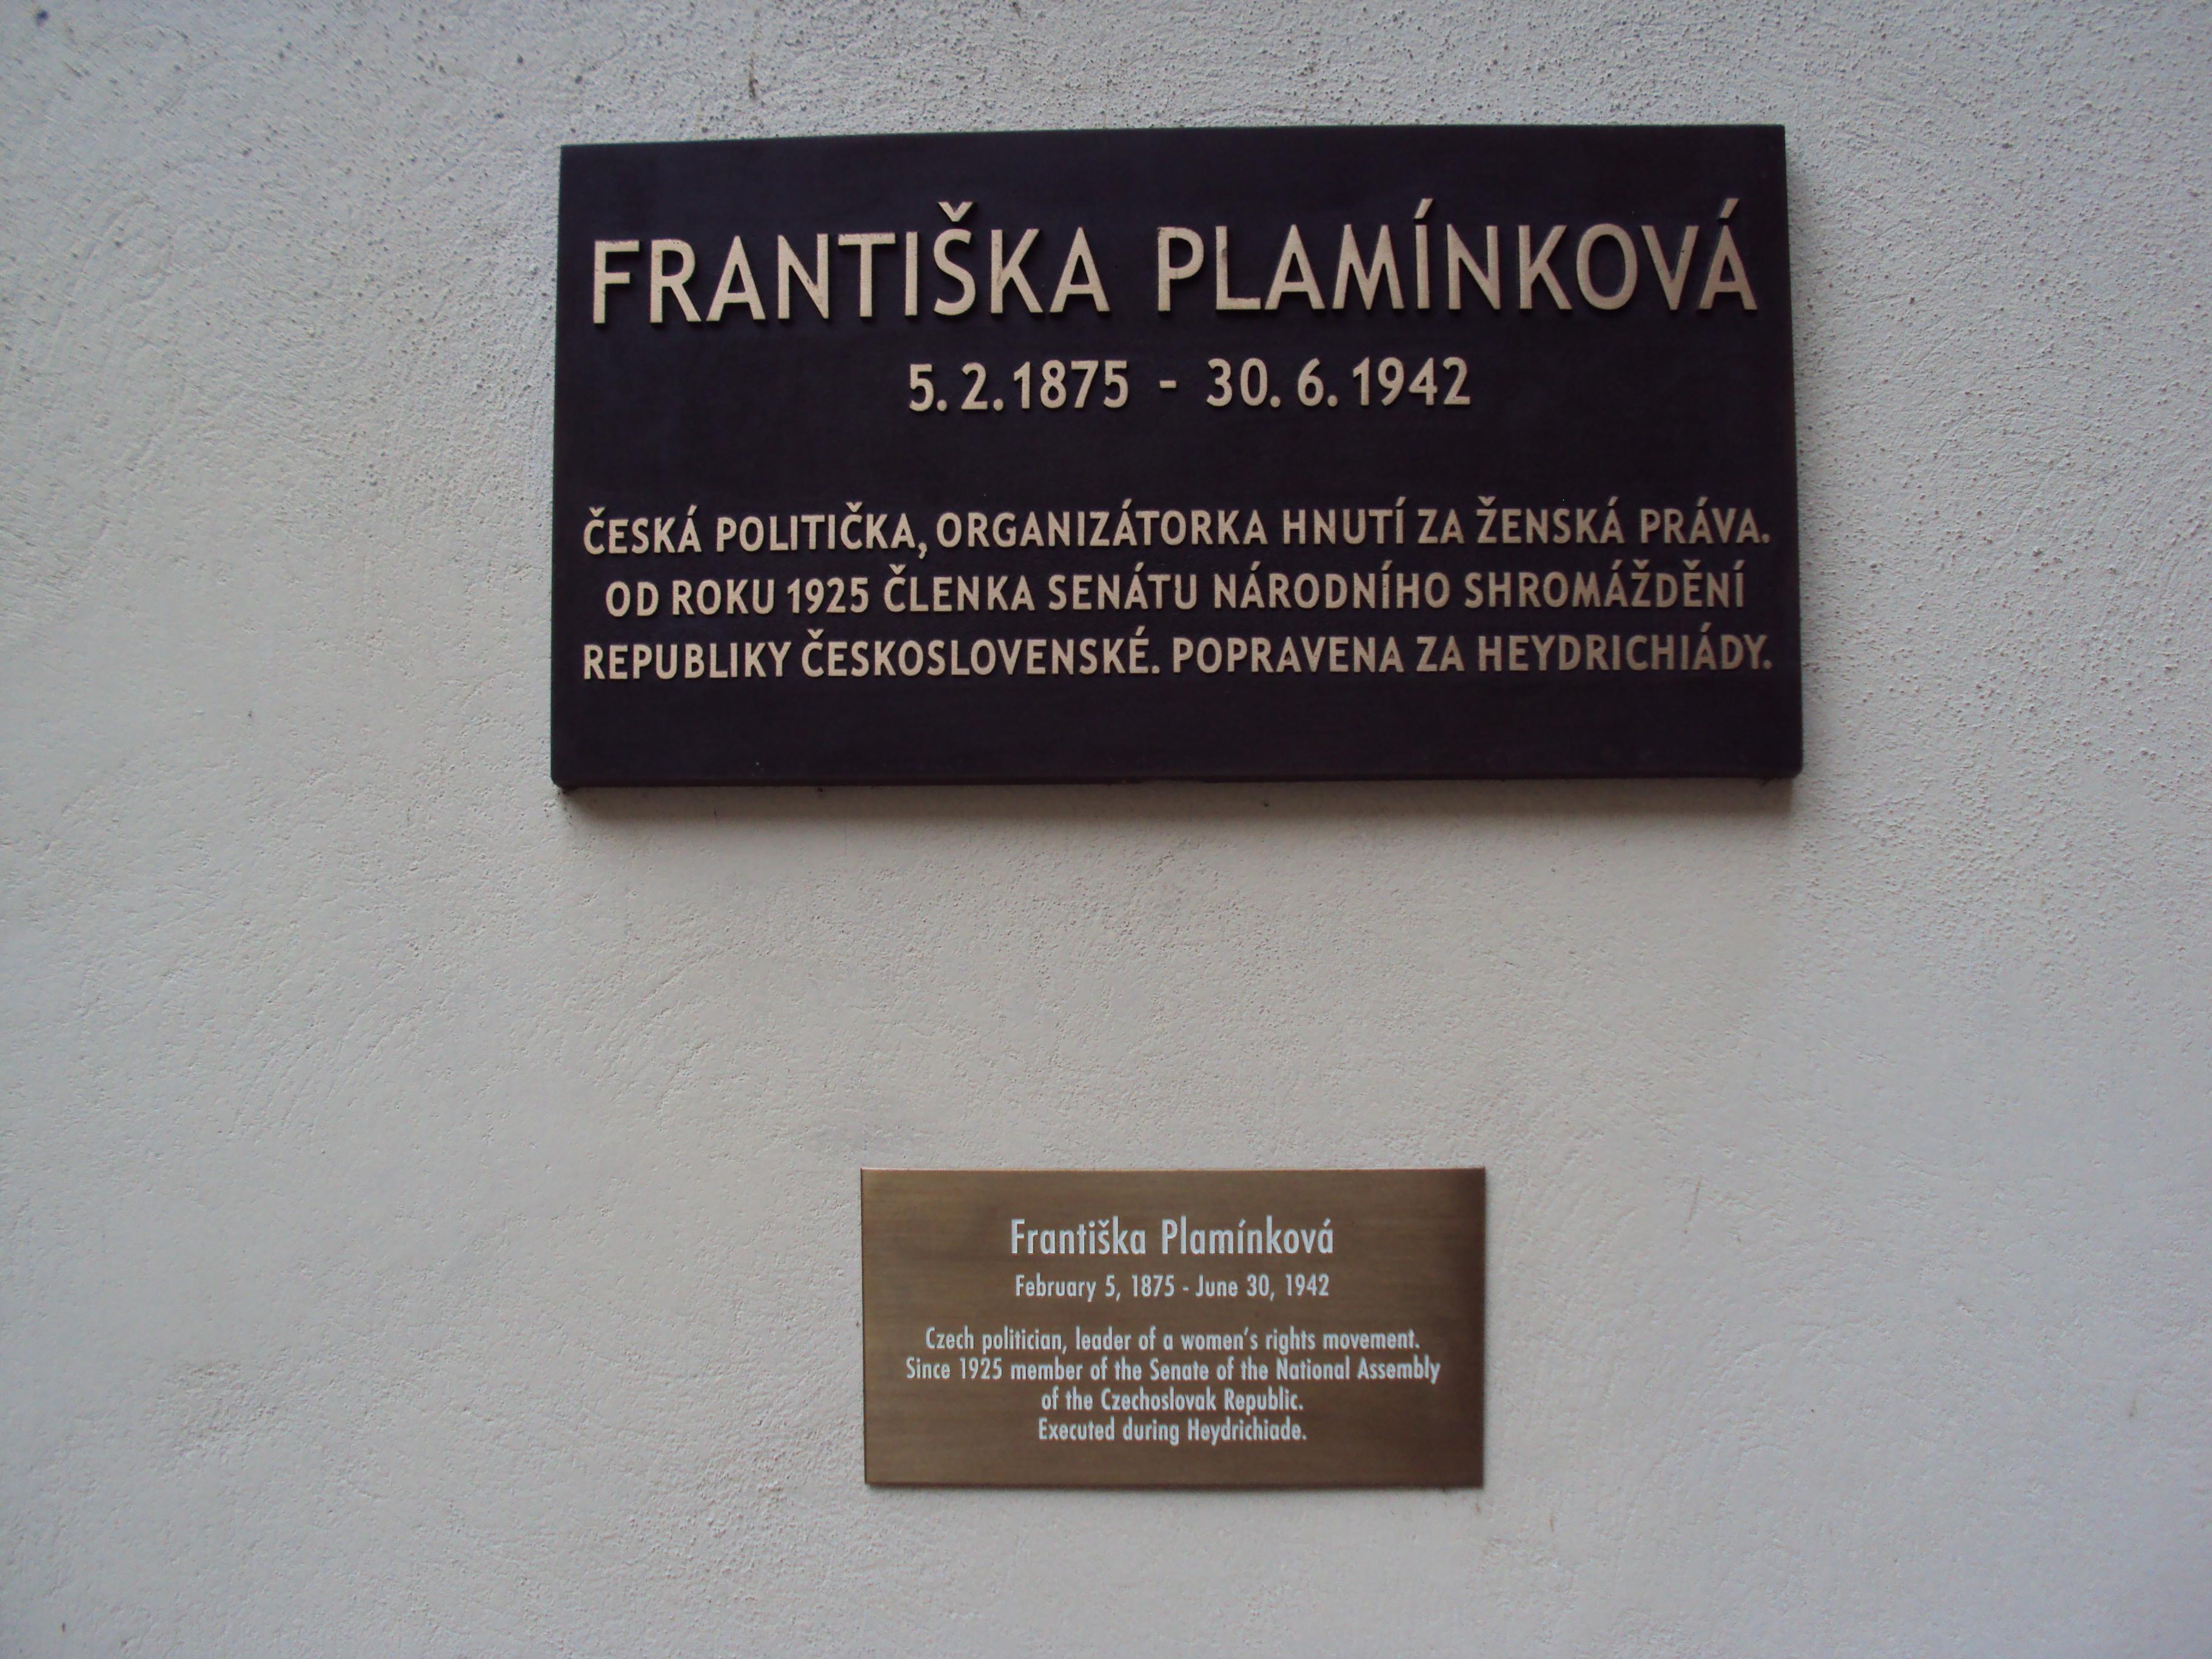 Františka Plamínková